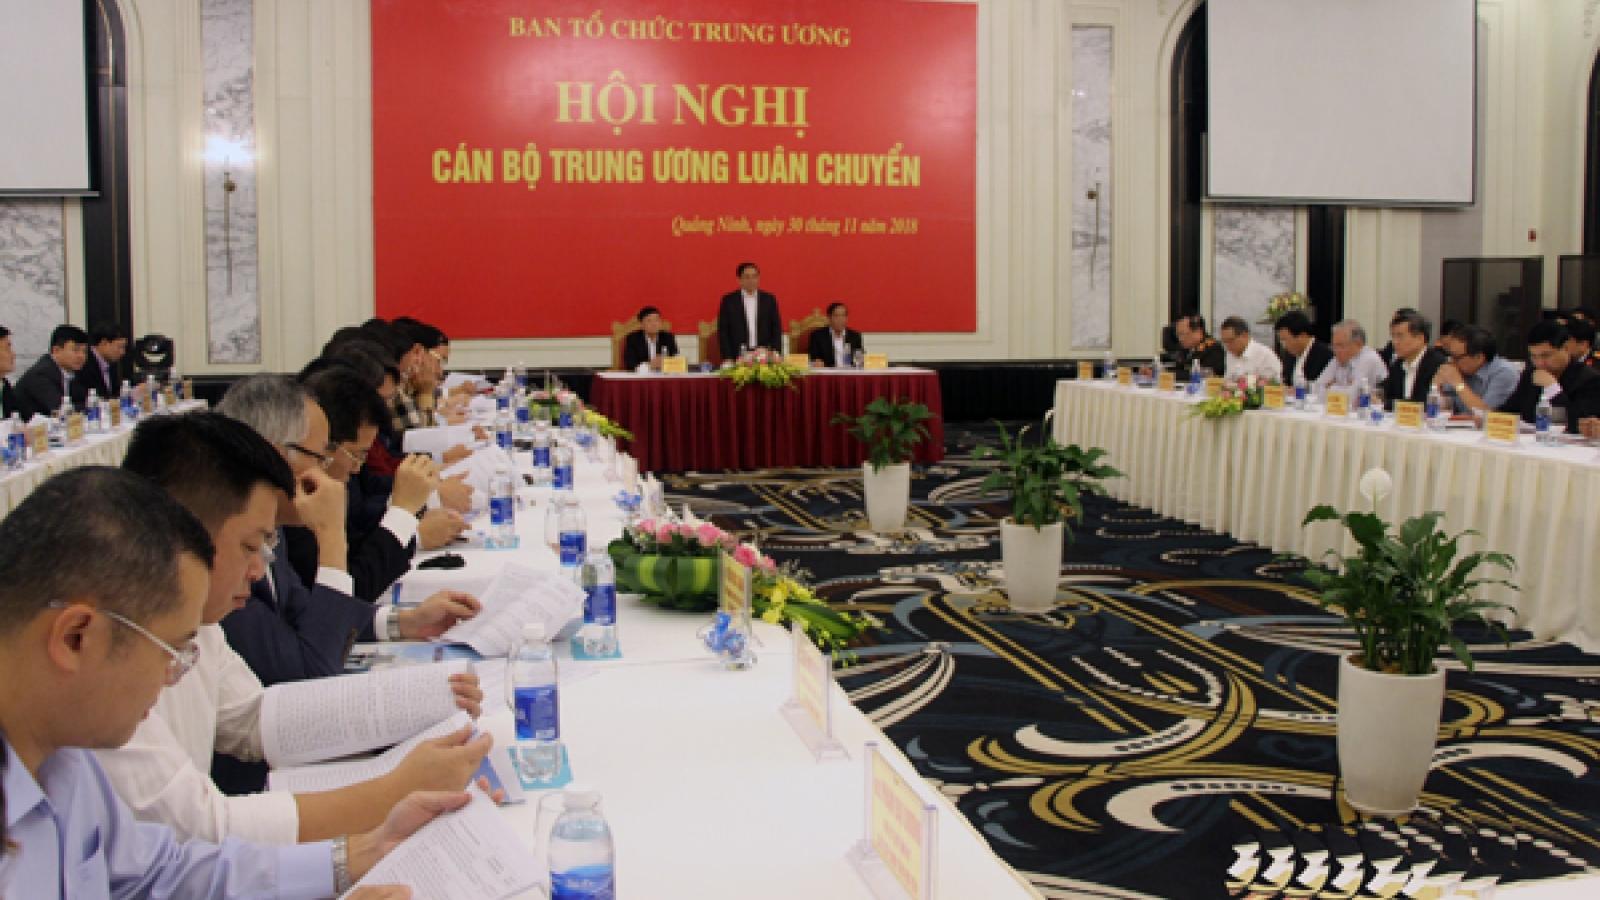 Hiệu quả trong công tác luân chuyển cán bộ ở Quảng Ninh